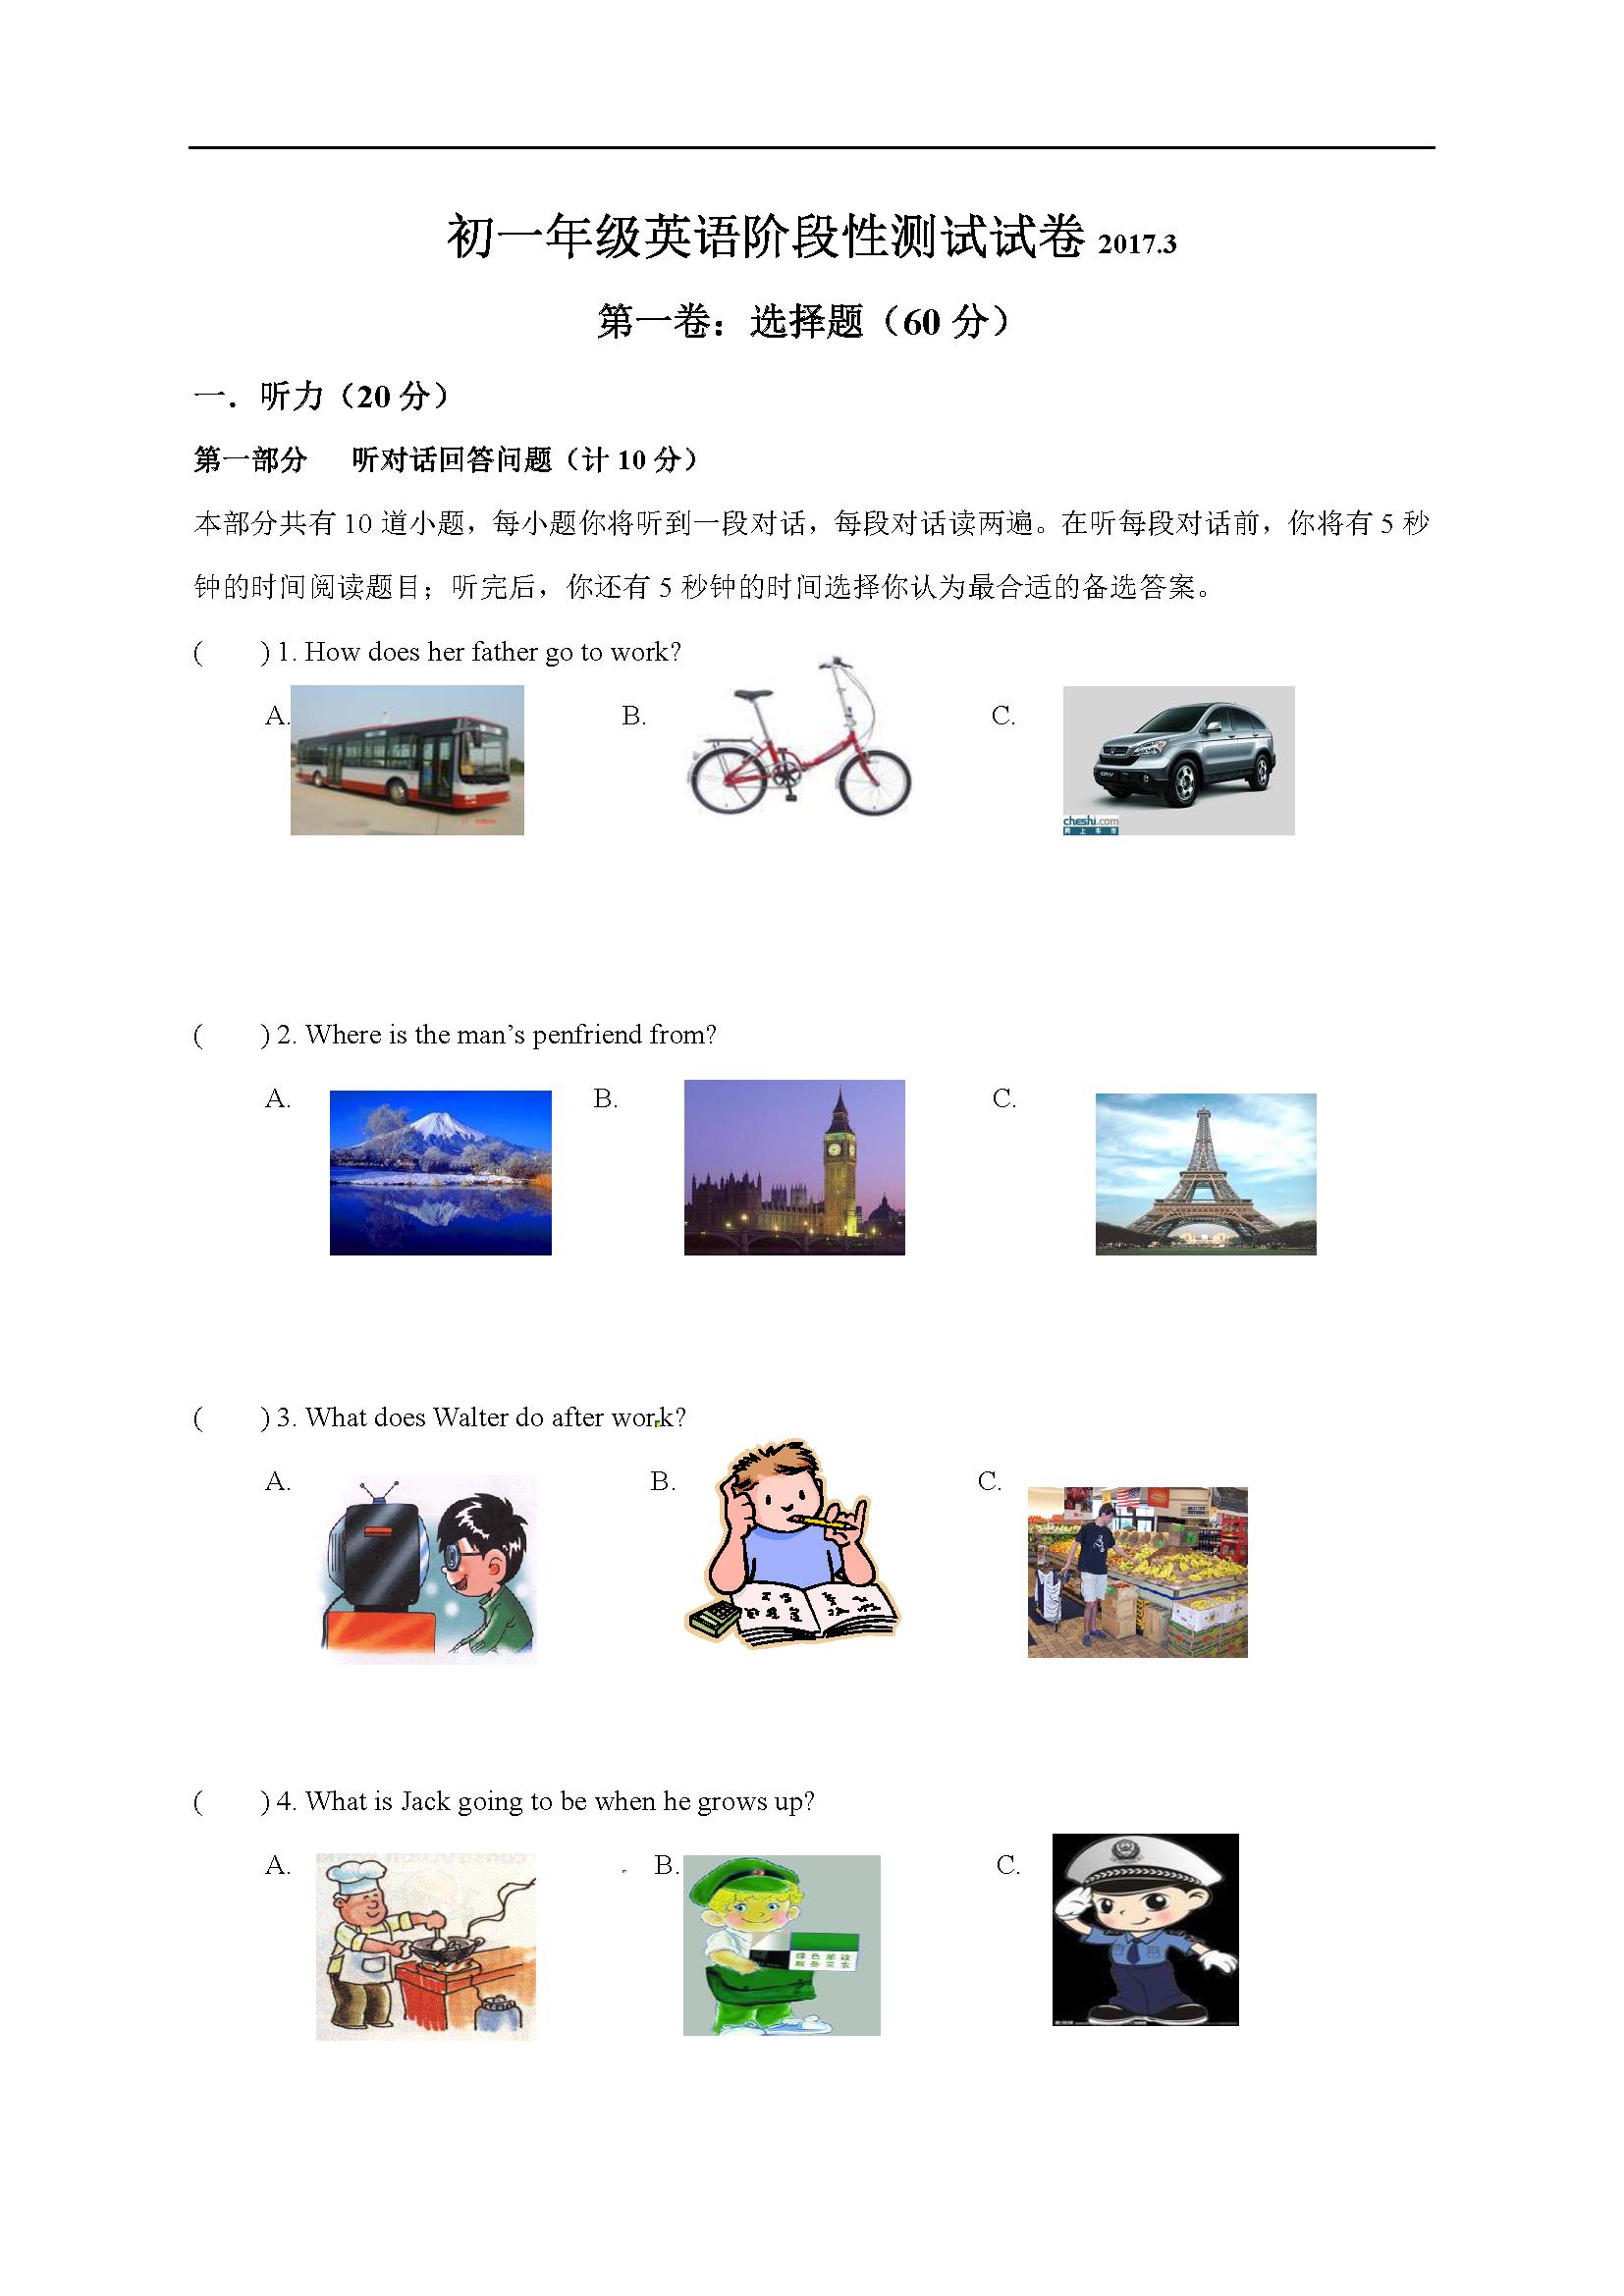 2017学江苏无锡石塘湾中学七年级3月份阶段性检测英语试题(Word版)